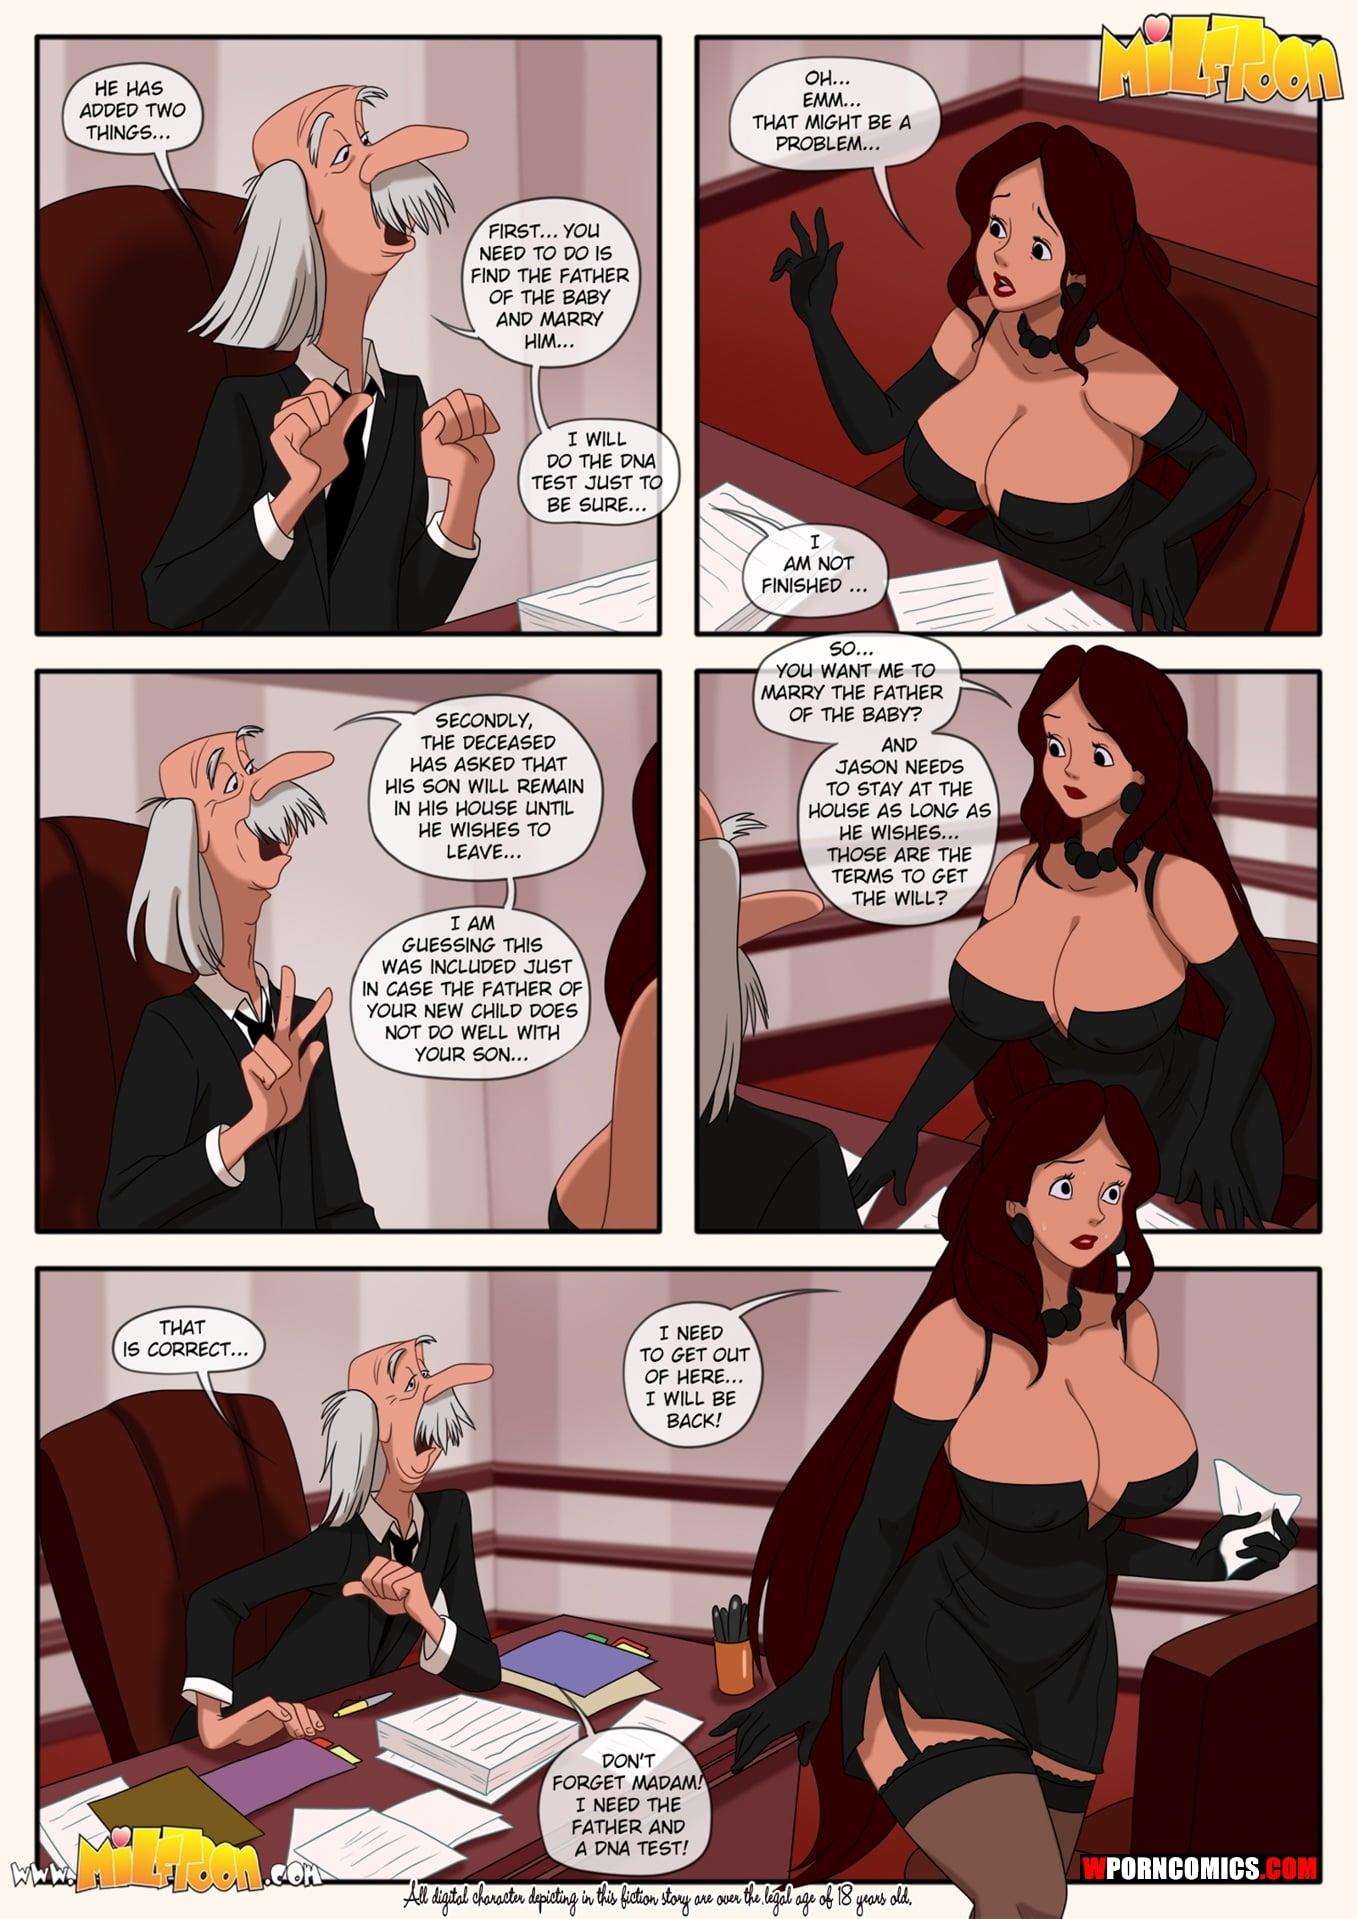 porn-comic-arranged-marriage-part-4-2020-03-03/porn-comic-arranged-marriage-part-4-2020-03-03-34088.jpg